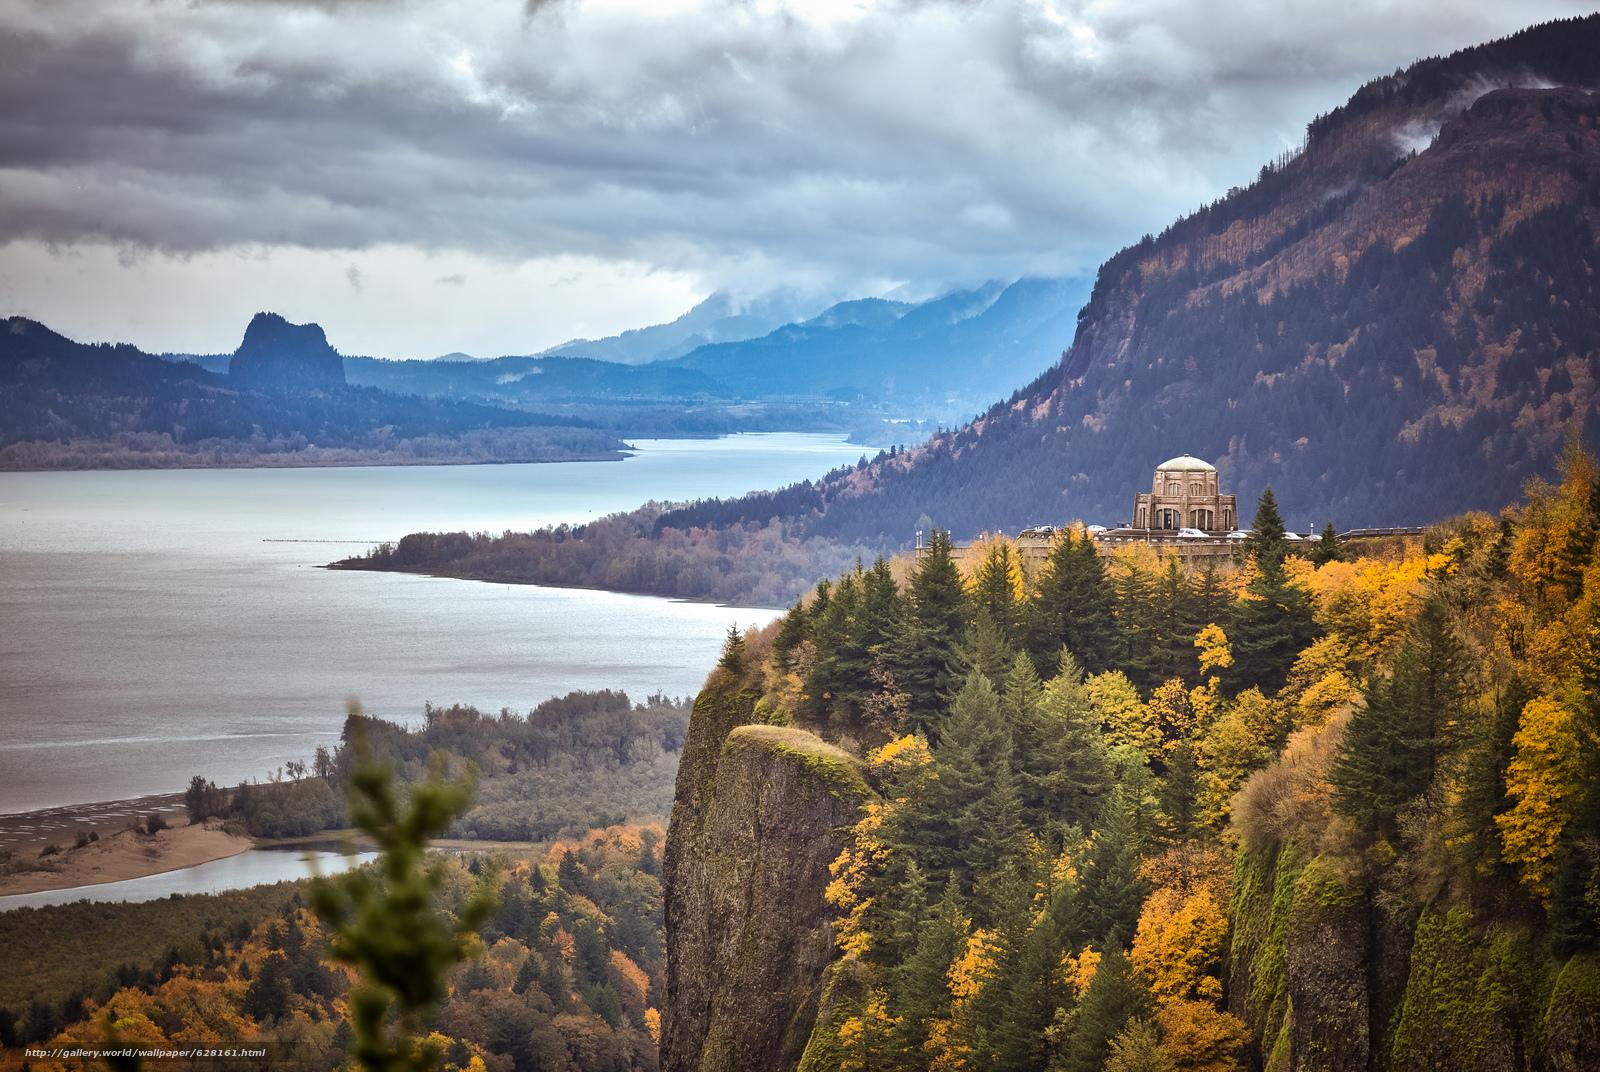 Скачать обои Виста Дом,  Краун Пойнт,  в ущелье реки Колумбия,  Орегон бесплатно для рабочего стола в разрешении 5427x3635 — картинка №628161